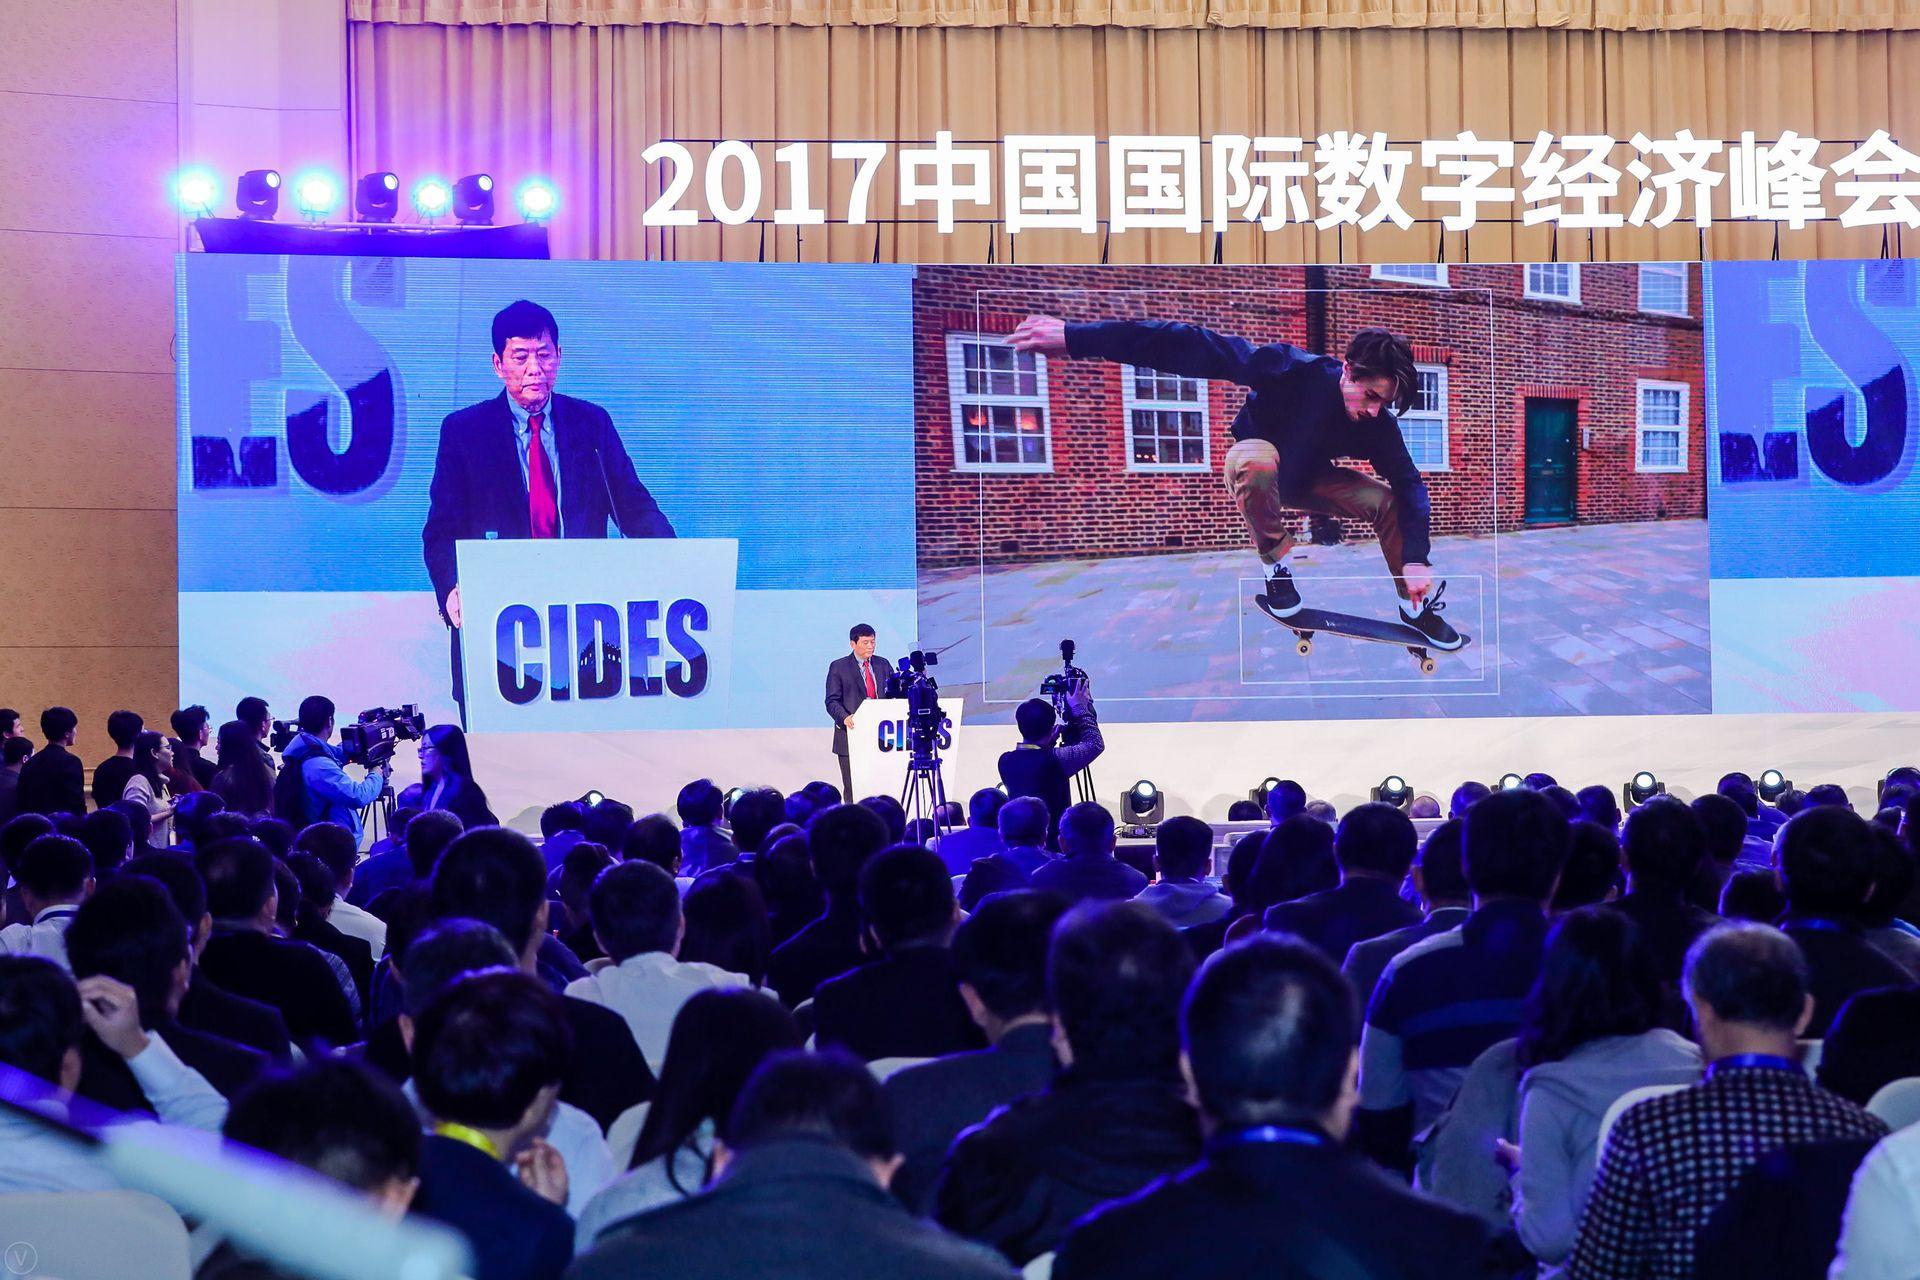 两大论坛板块聚焦2017中国国际数字经济峰会